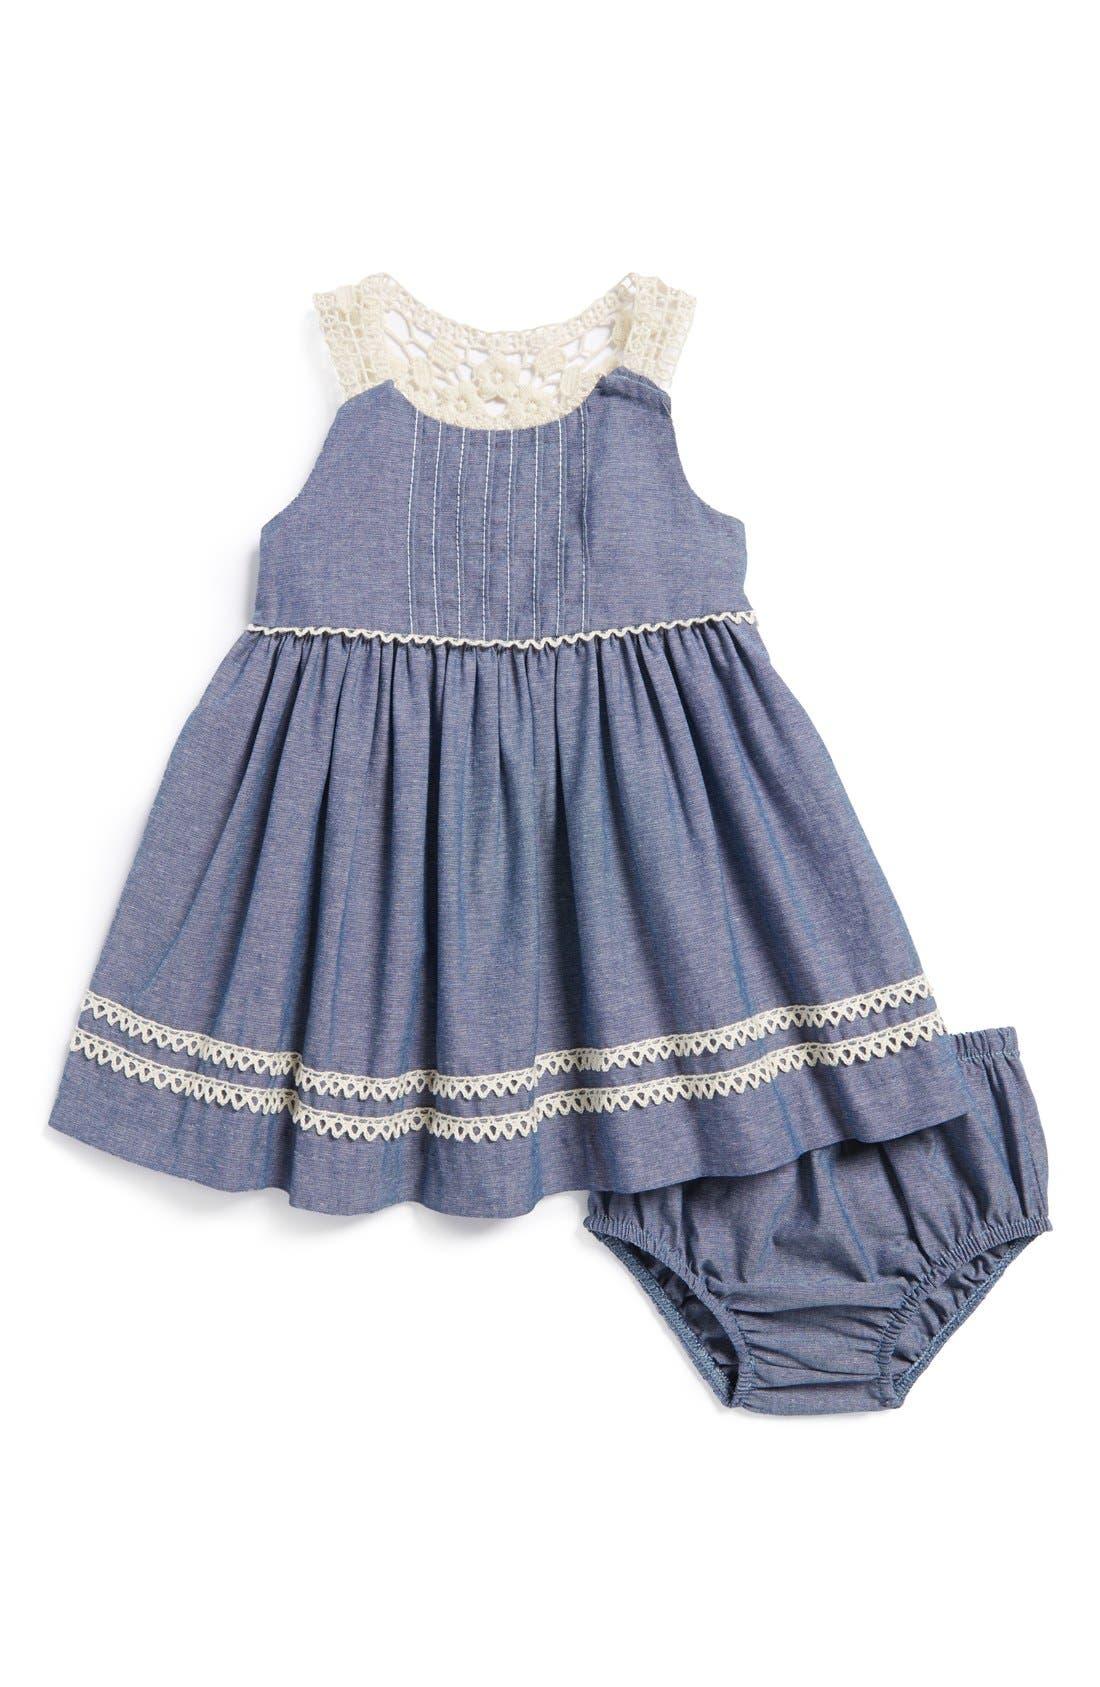 Chambray Dress & Bloomers,                             Main thumbnail 1, color,                             400